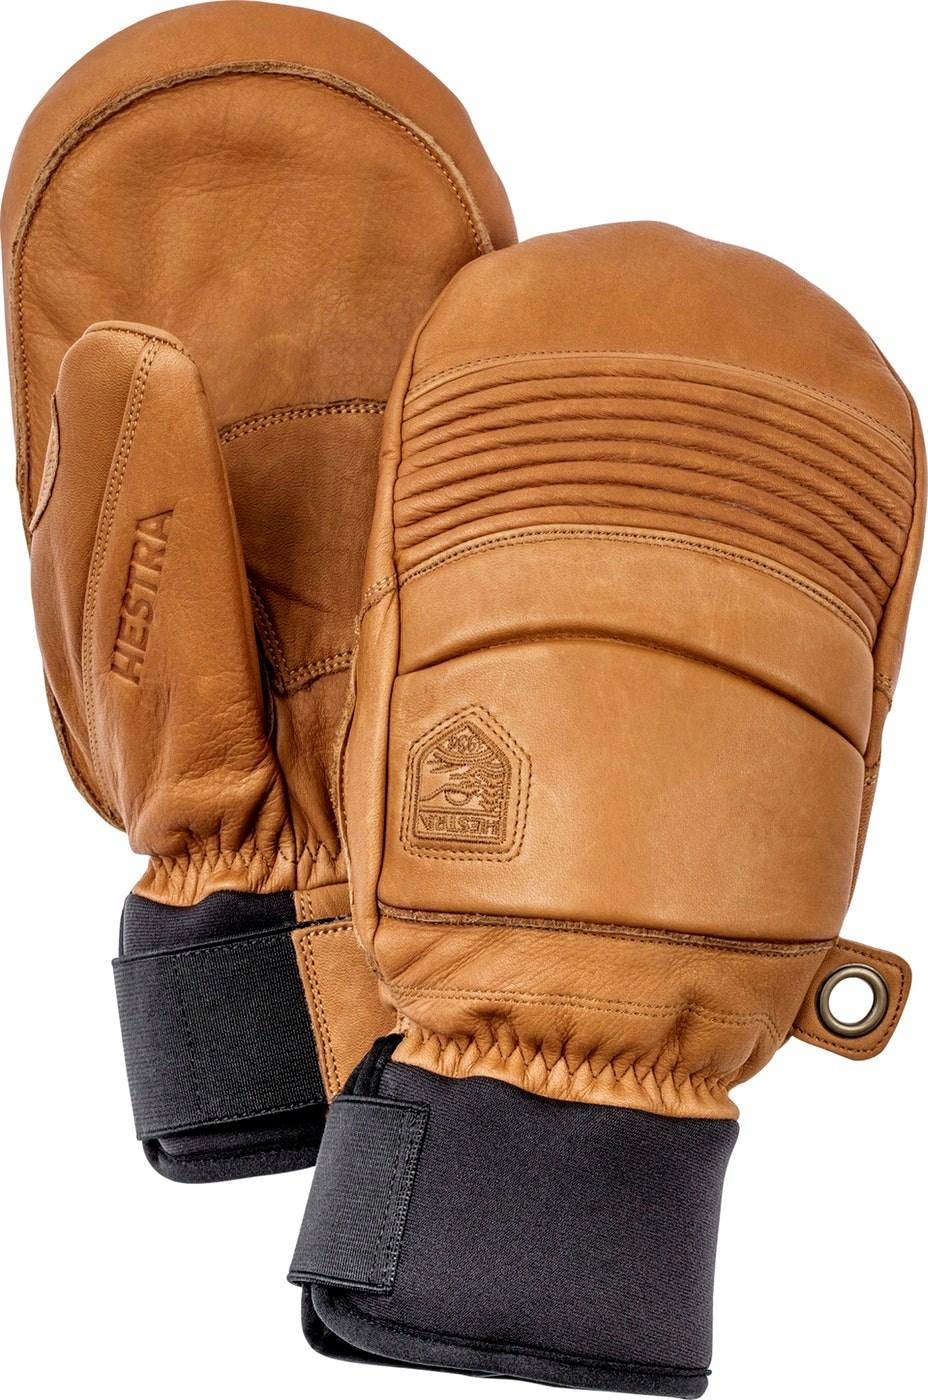 Hestra Wrist Cuffs Pair for Ski /& Snowboard Gloves Baby 60mm